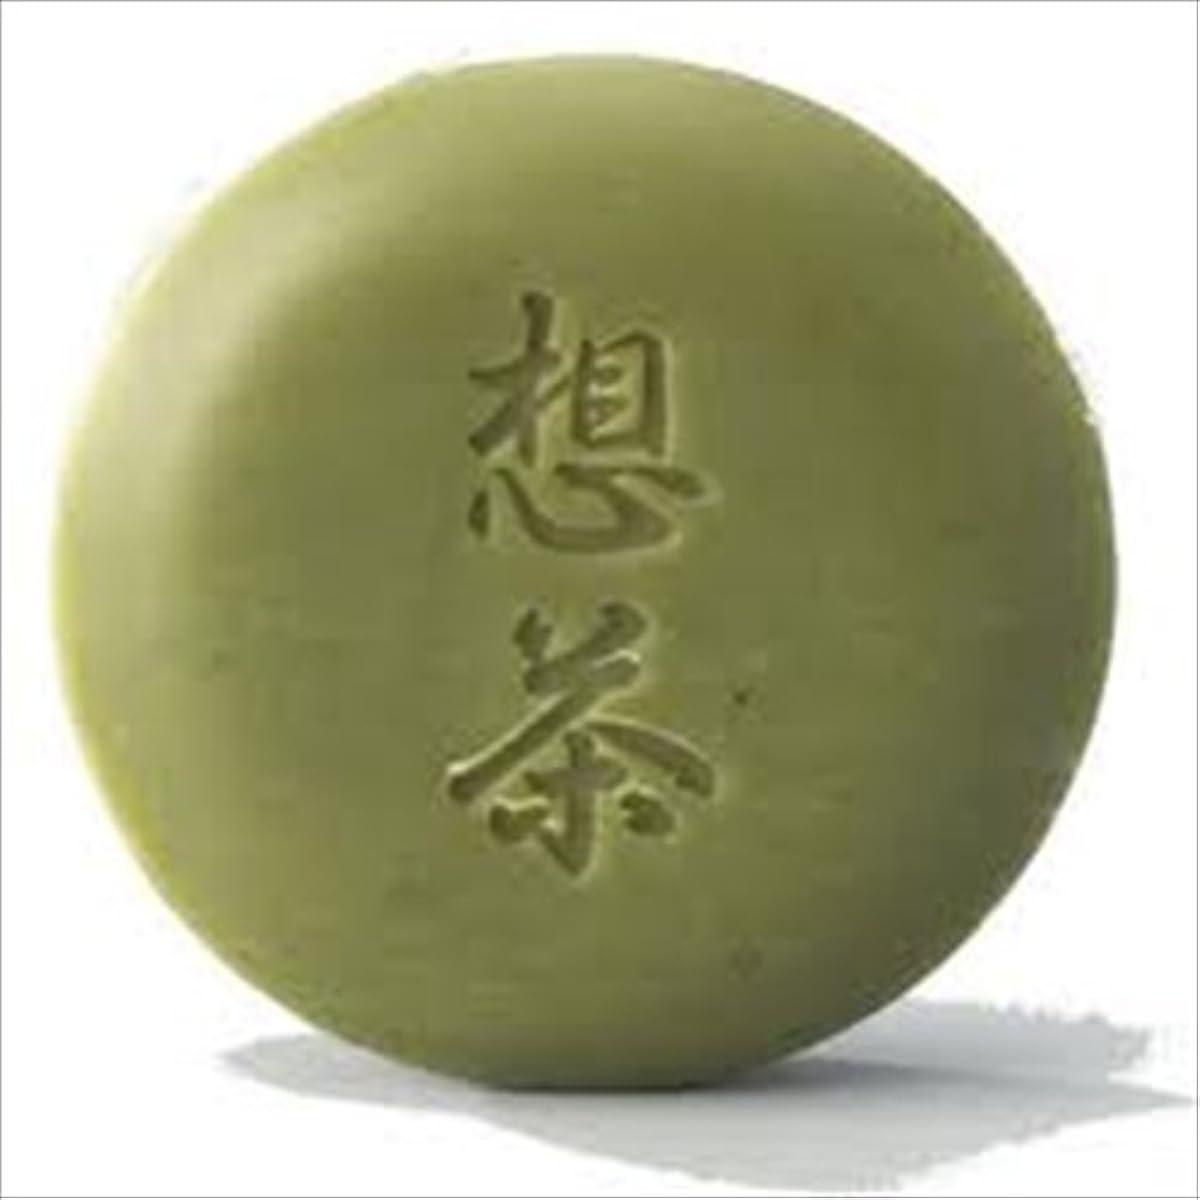 人気コロニアルスライム静岡茶粉末入 想茶石鹸